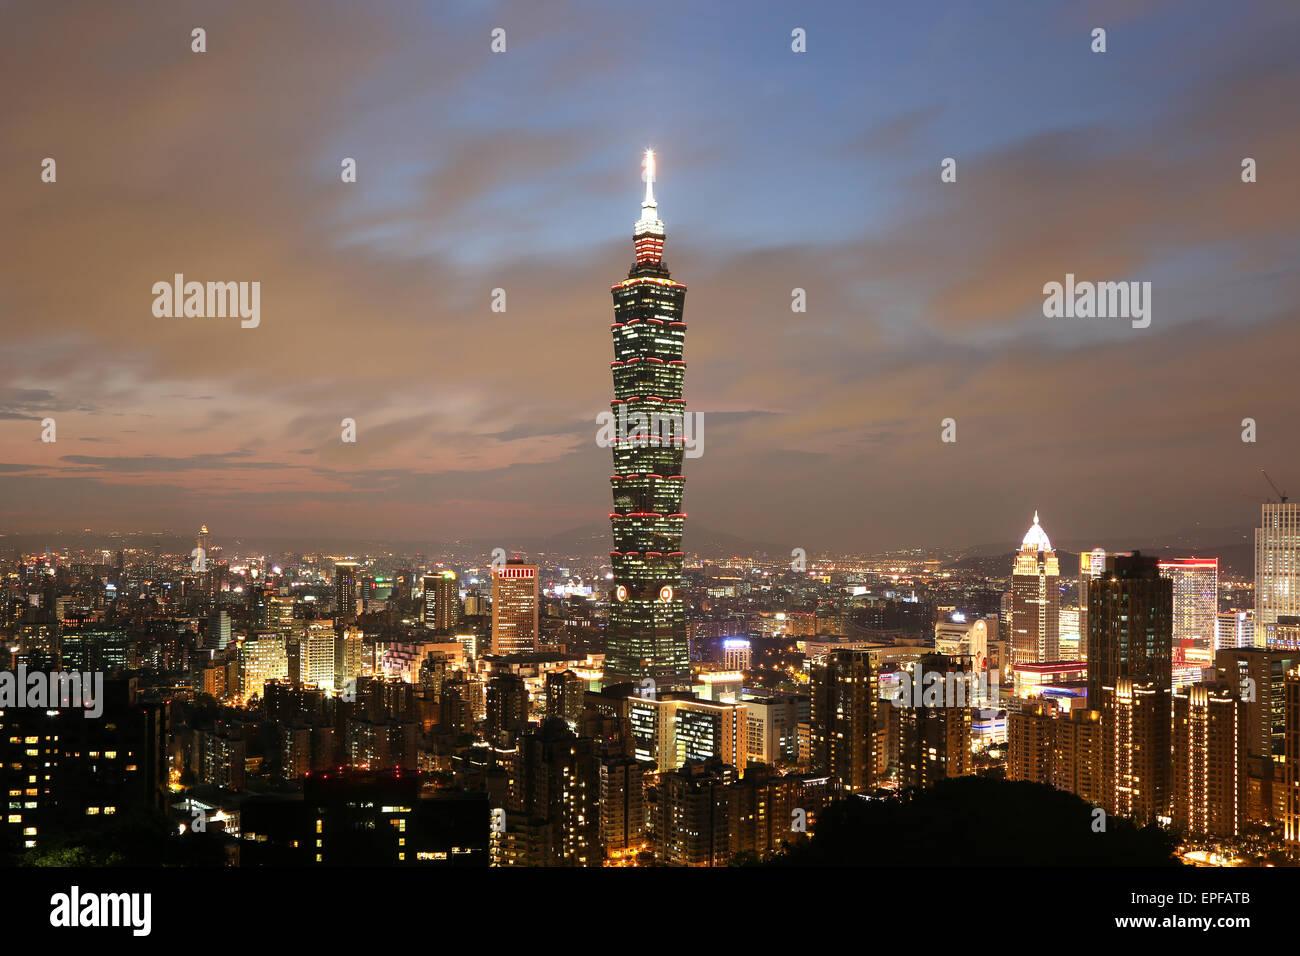 Taipeh Taiwan Panorama abends mit Taipei 101 - Stock Image